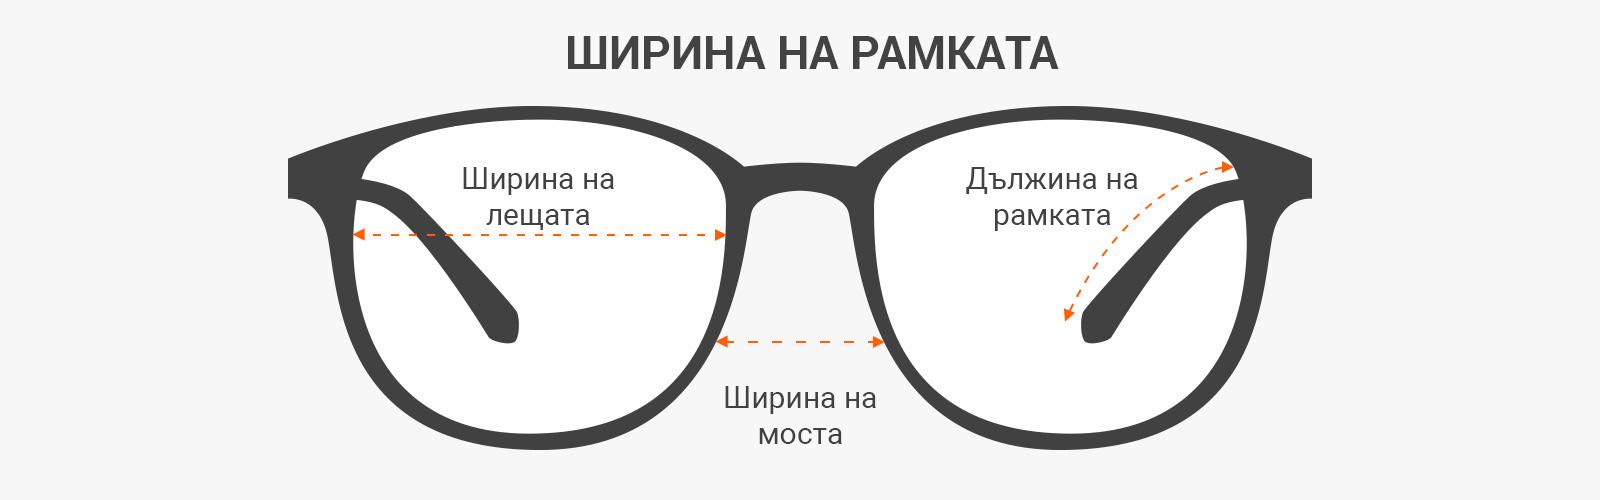 как да разчетете параметрите на слънчевите очила - какво е широчина на лещата, широчина на моста и дължина на рамото